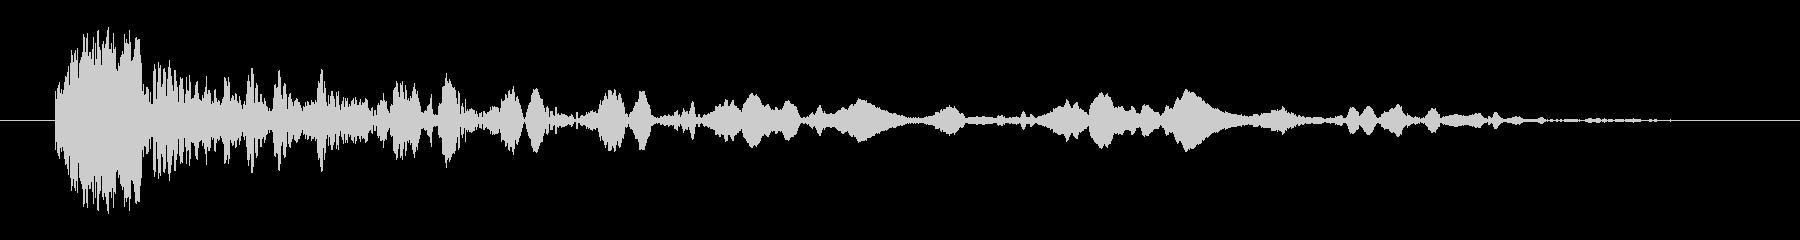 クイックアークストップヒット3の未再生の波形